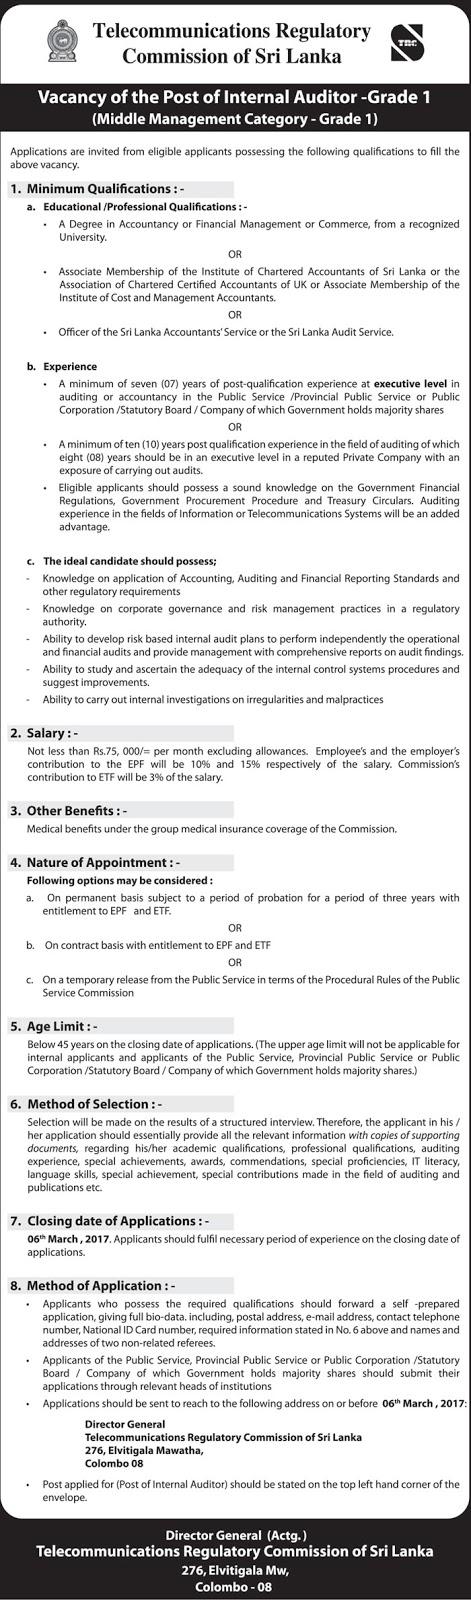 Internal Auditor Telecommunications Regulatory Commission